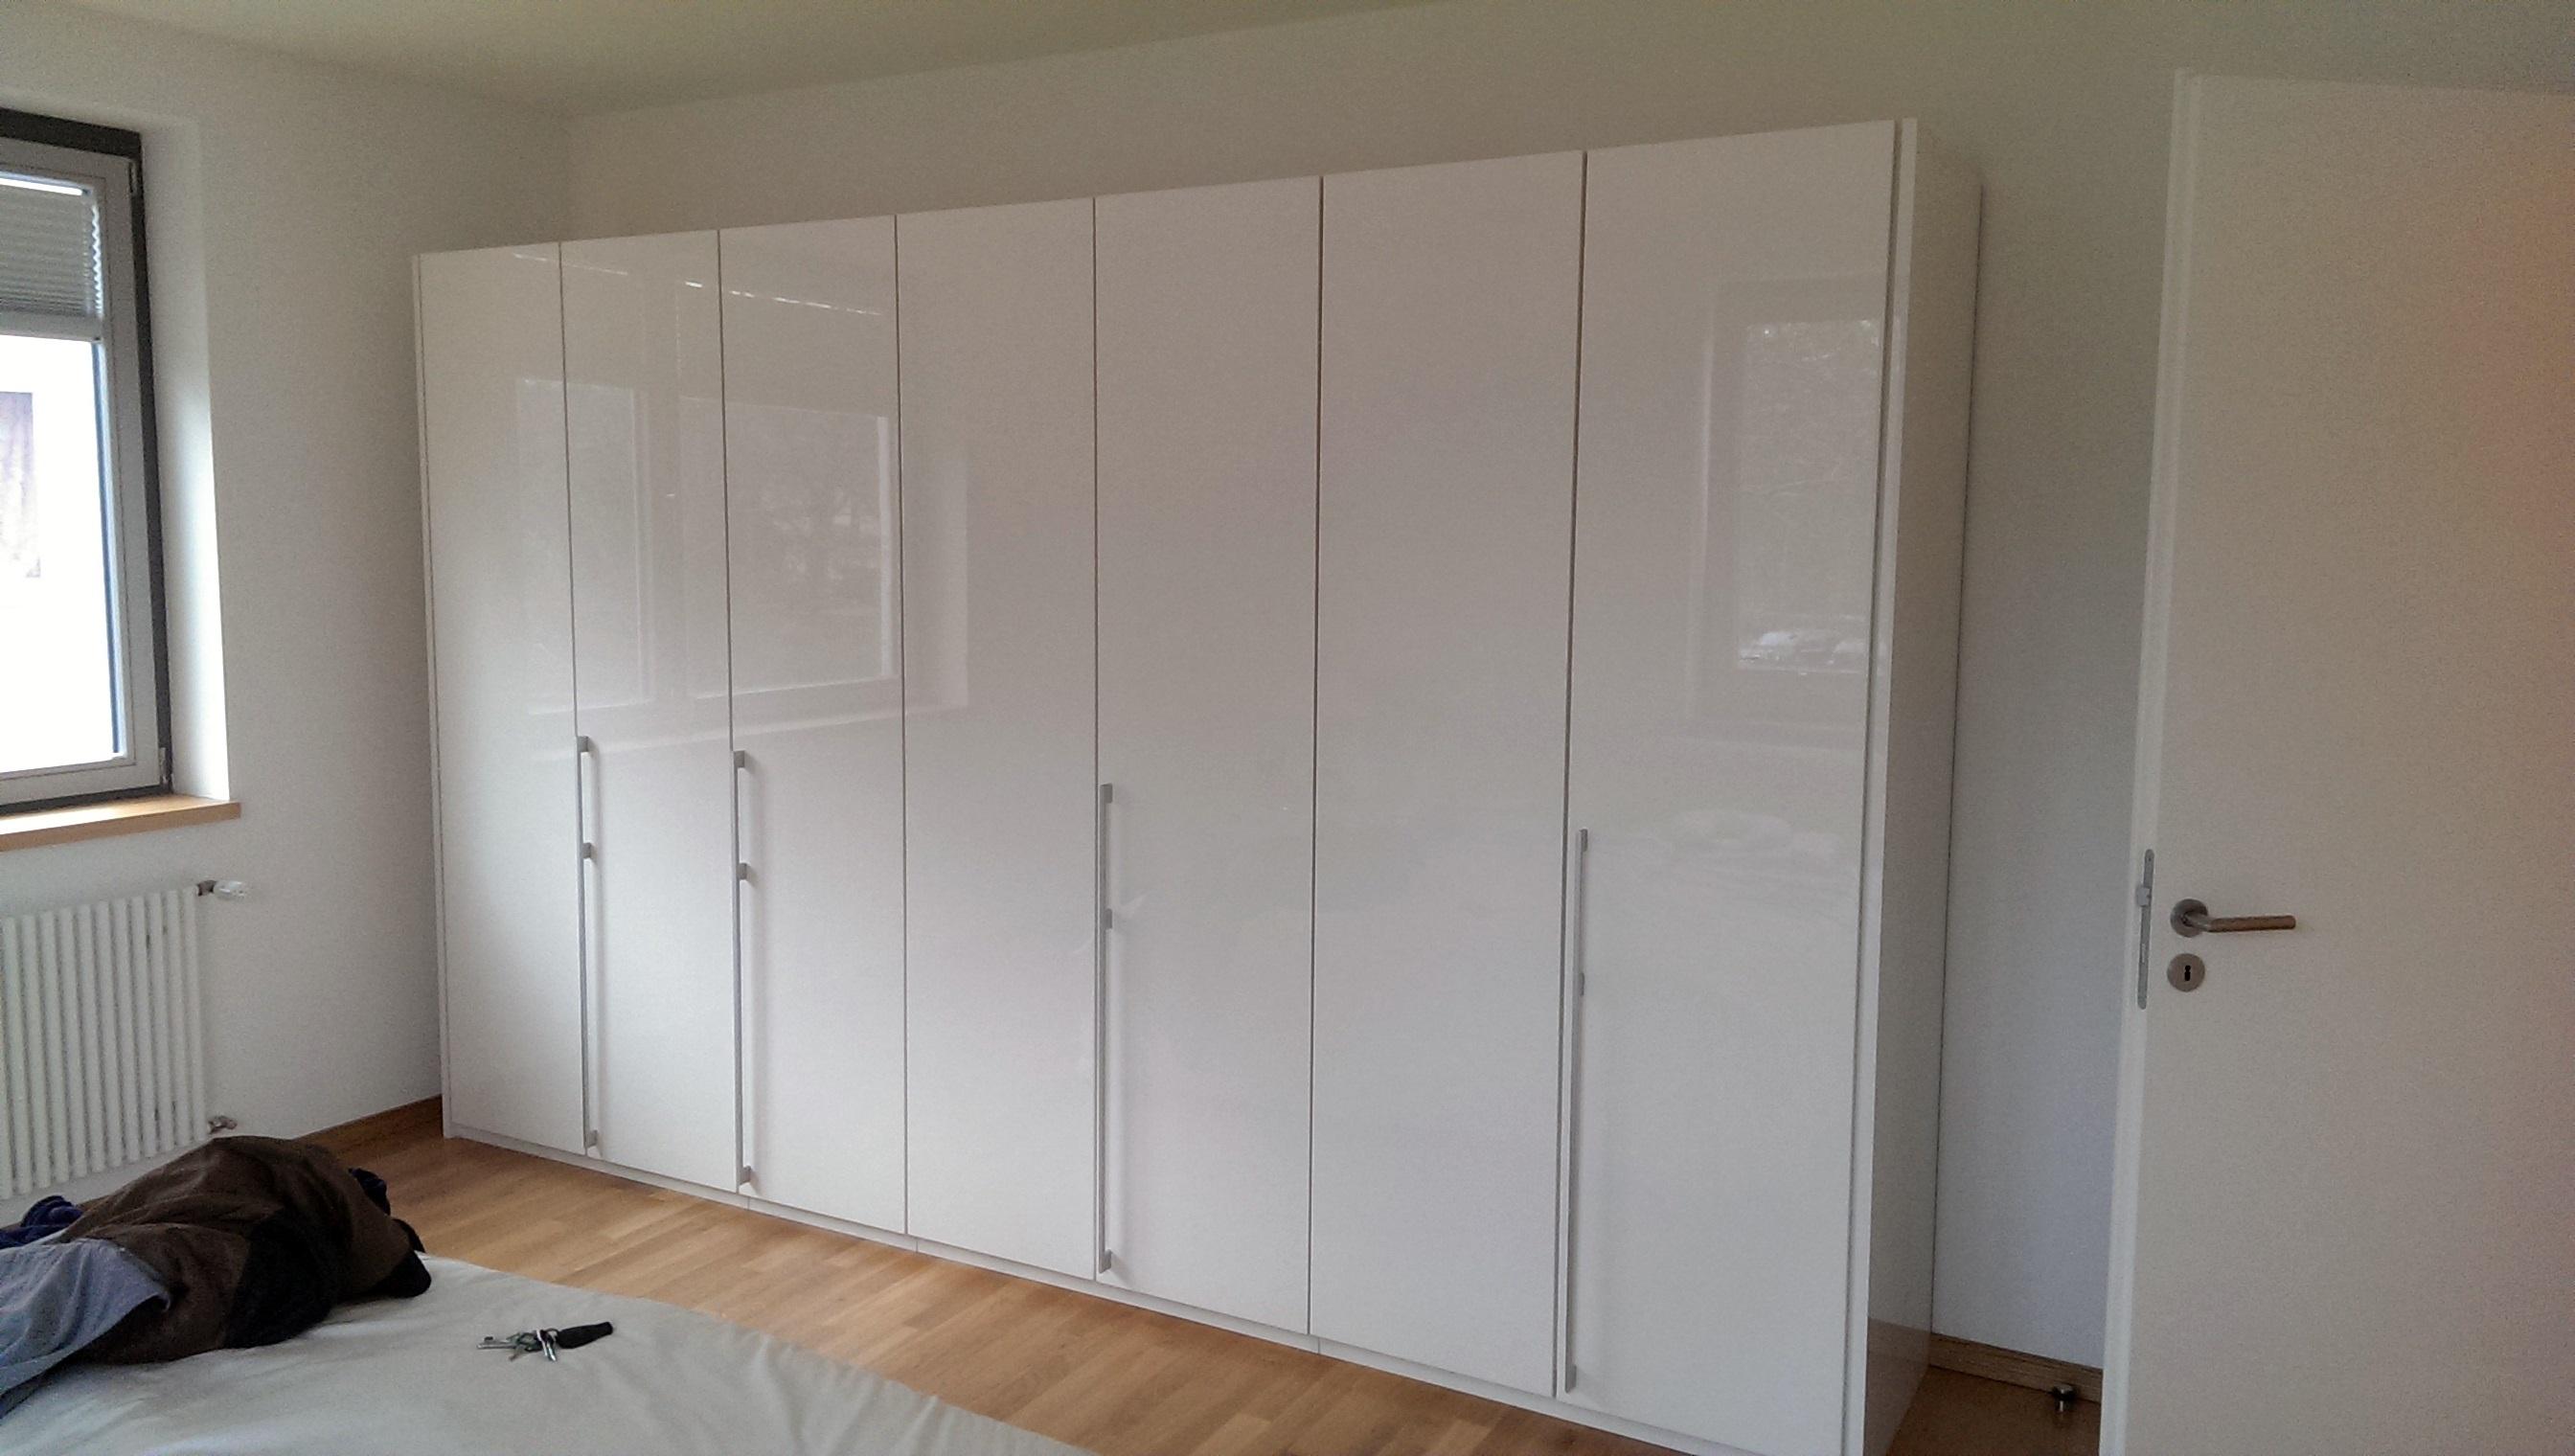 Möbelmontage Aufbau Eines Loddenkemper Kleiderschranks